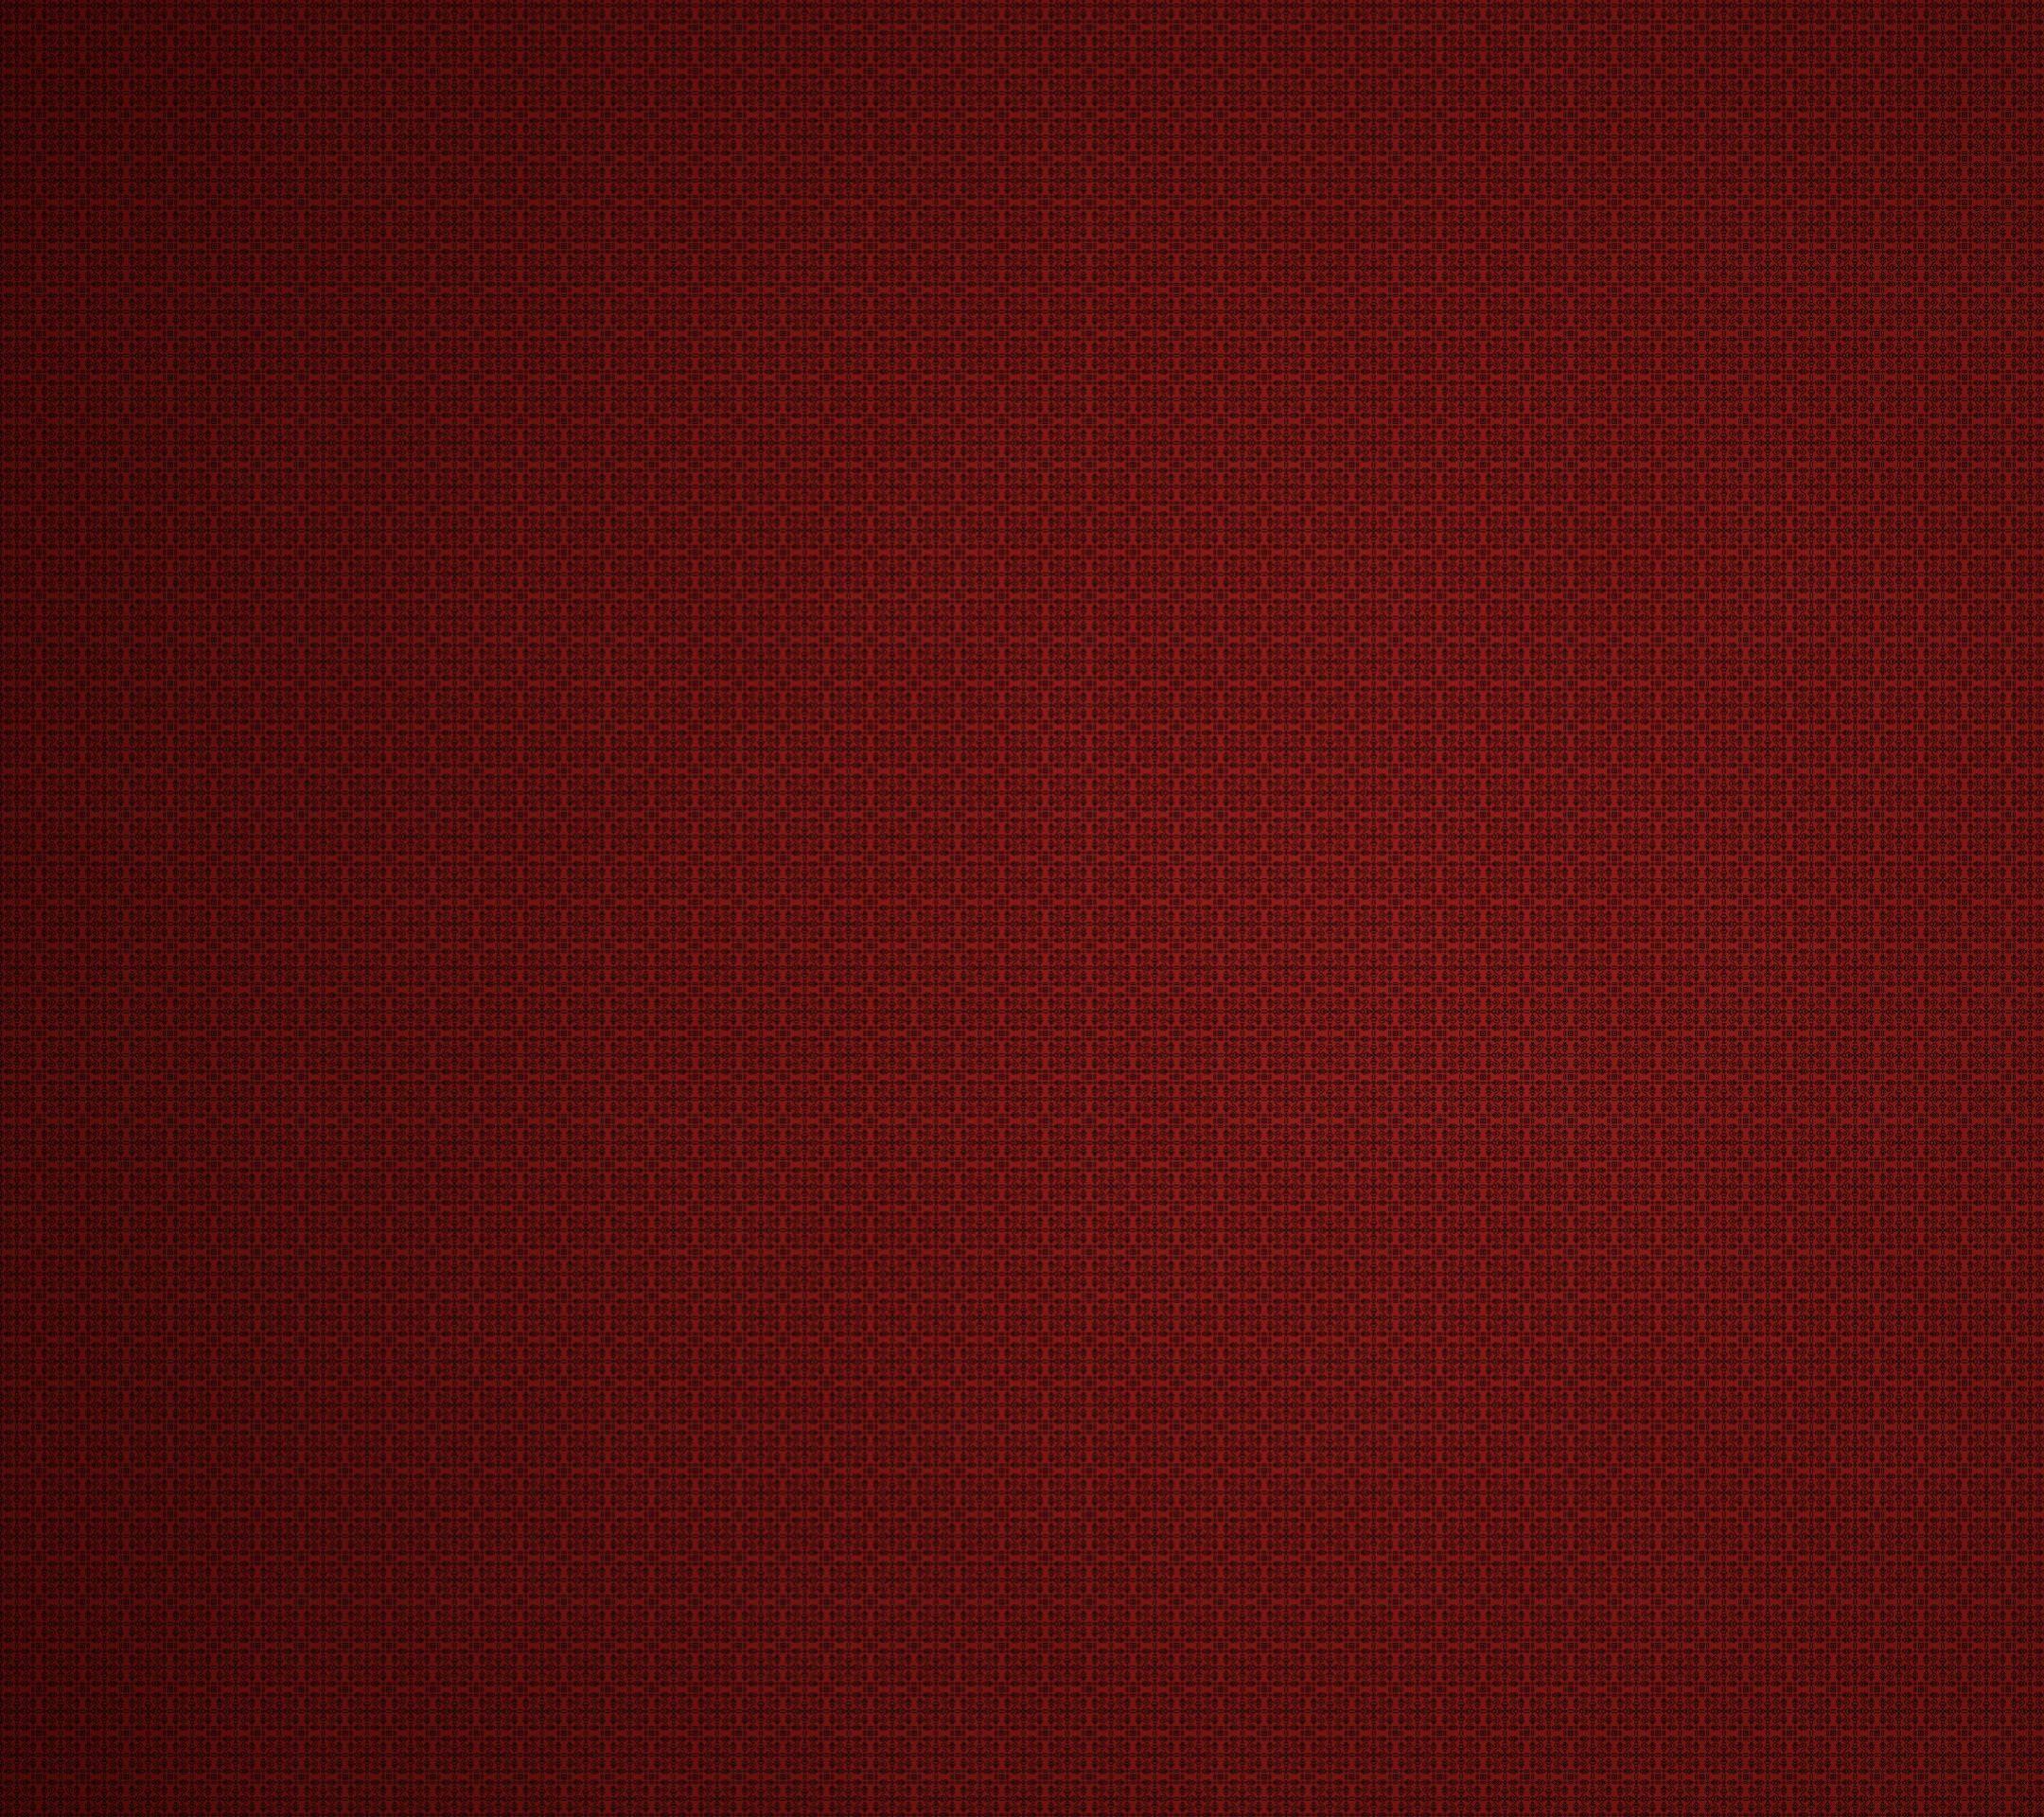 赤の幾何学模様 Android壁紙